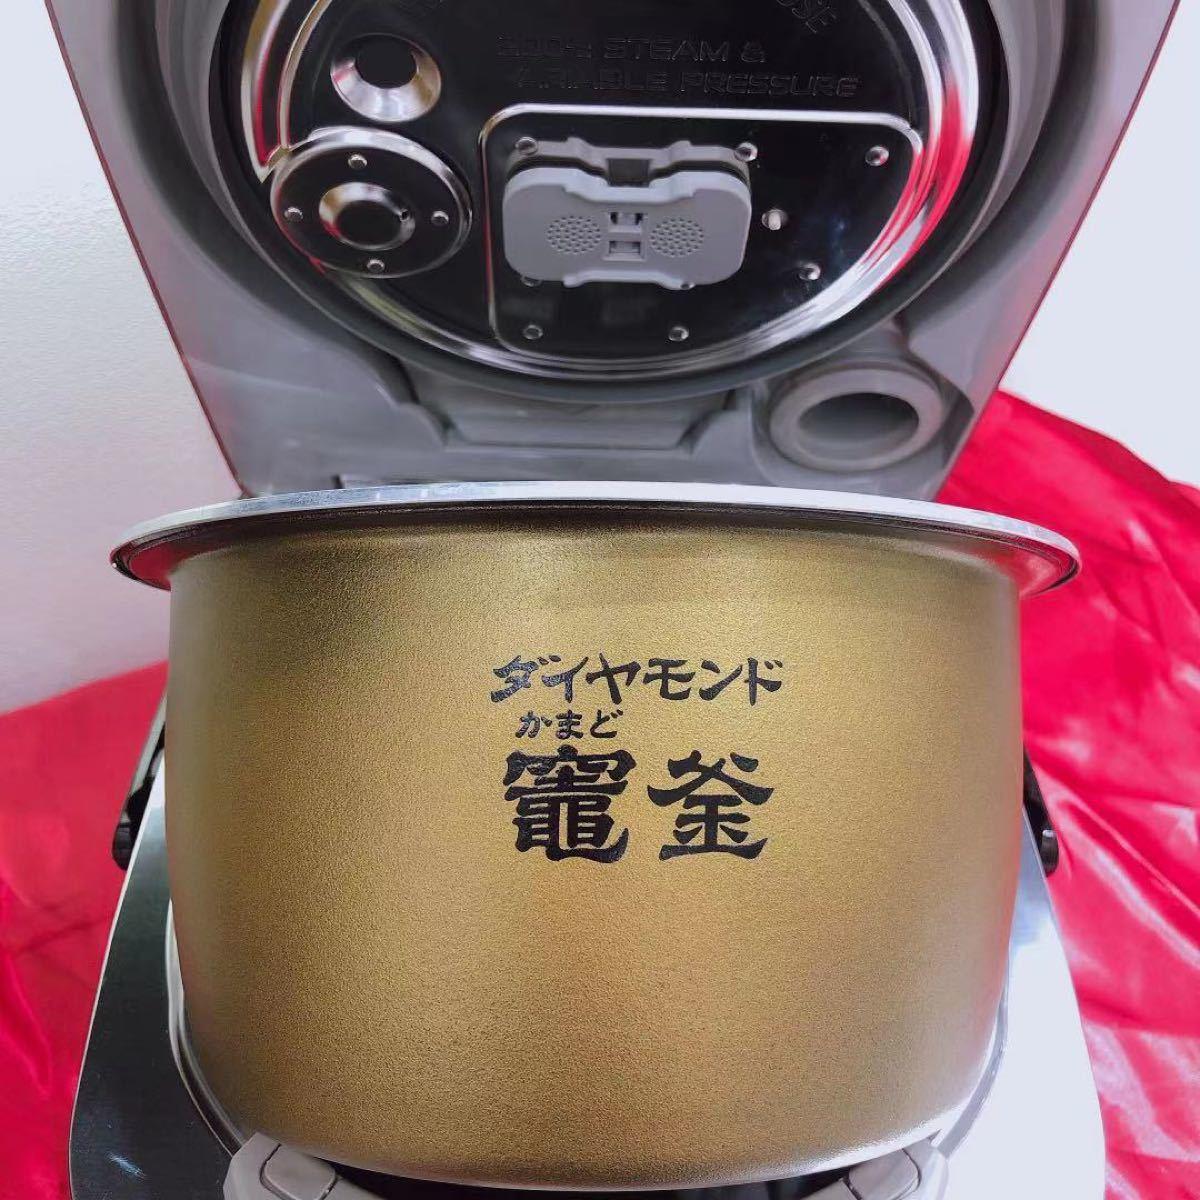 パナソニック炊飯器海外向けsr-sss-185